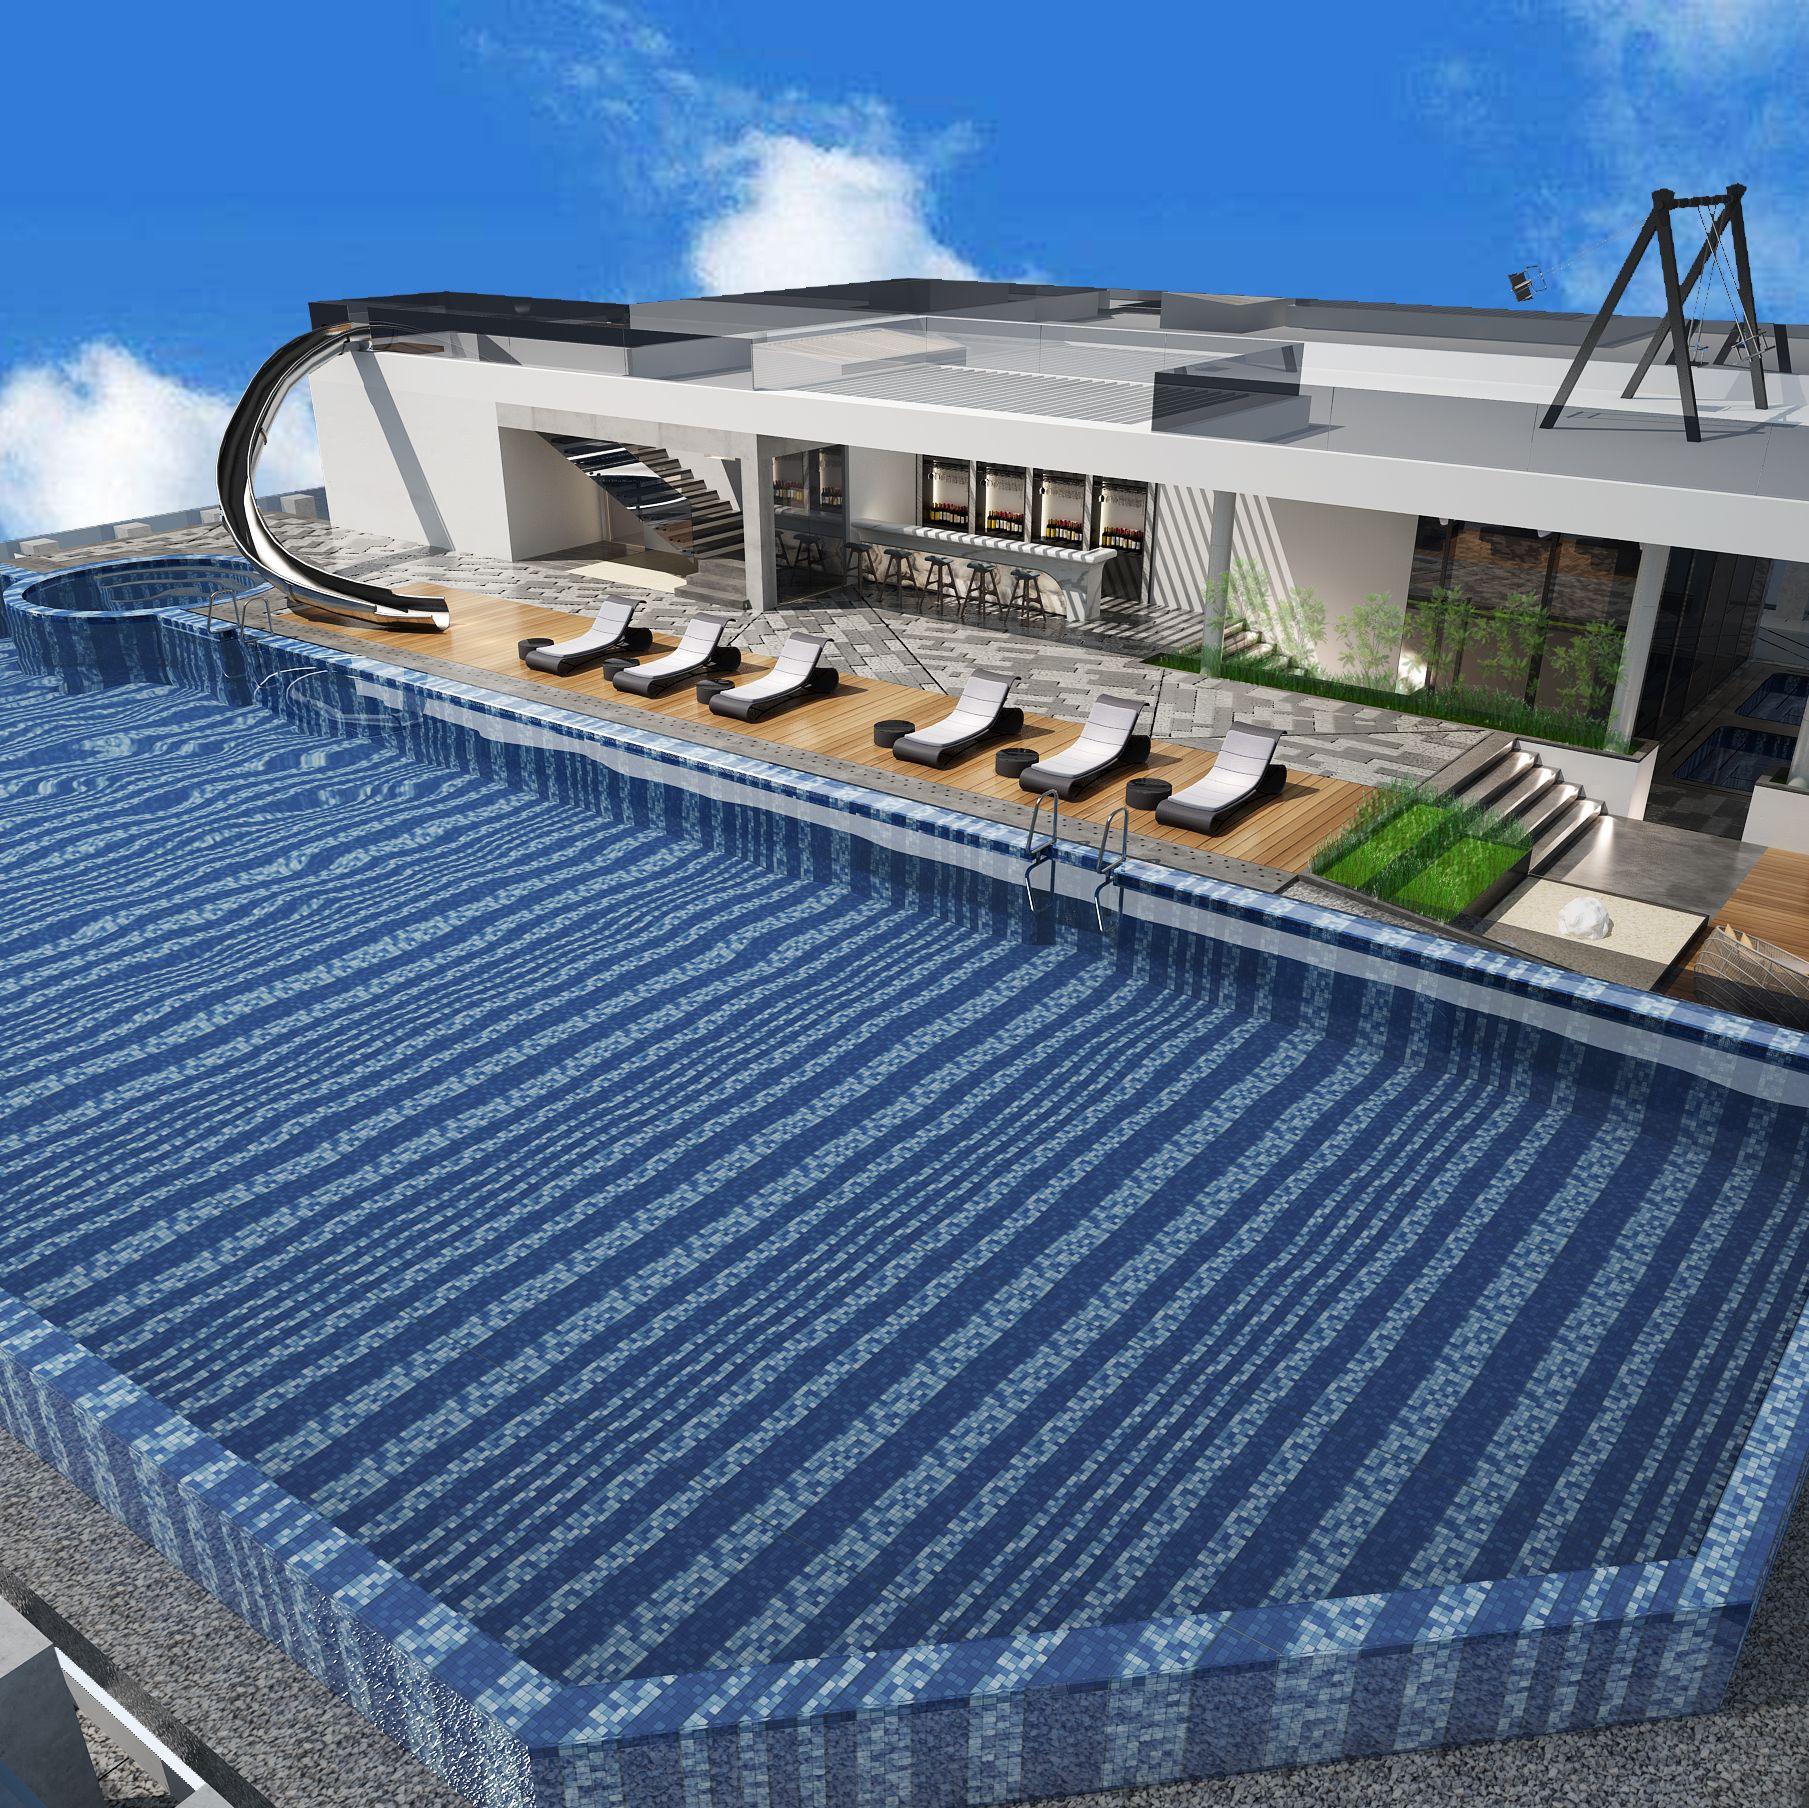 安泰国际广场顶层泳池设计项目